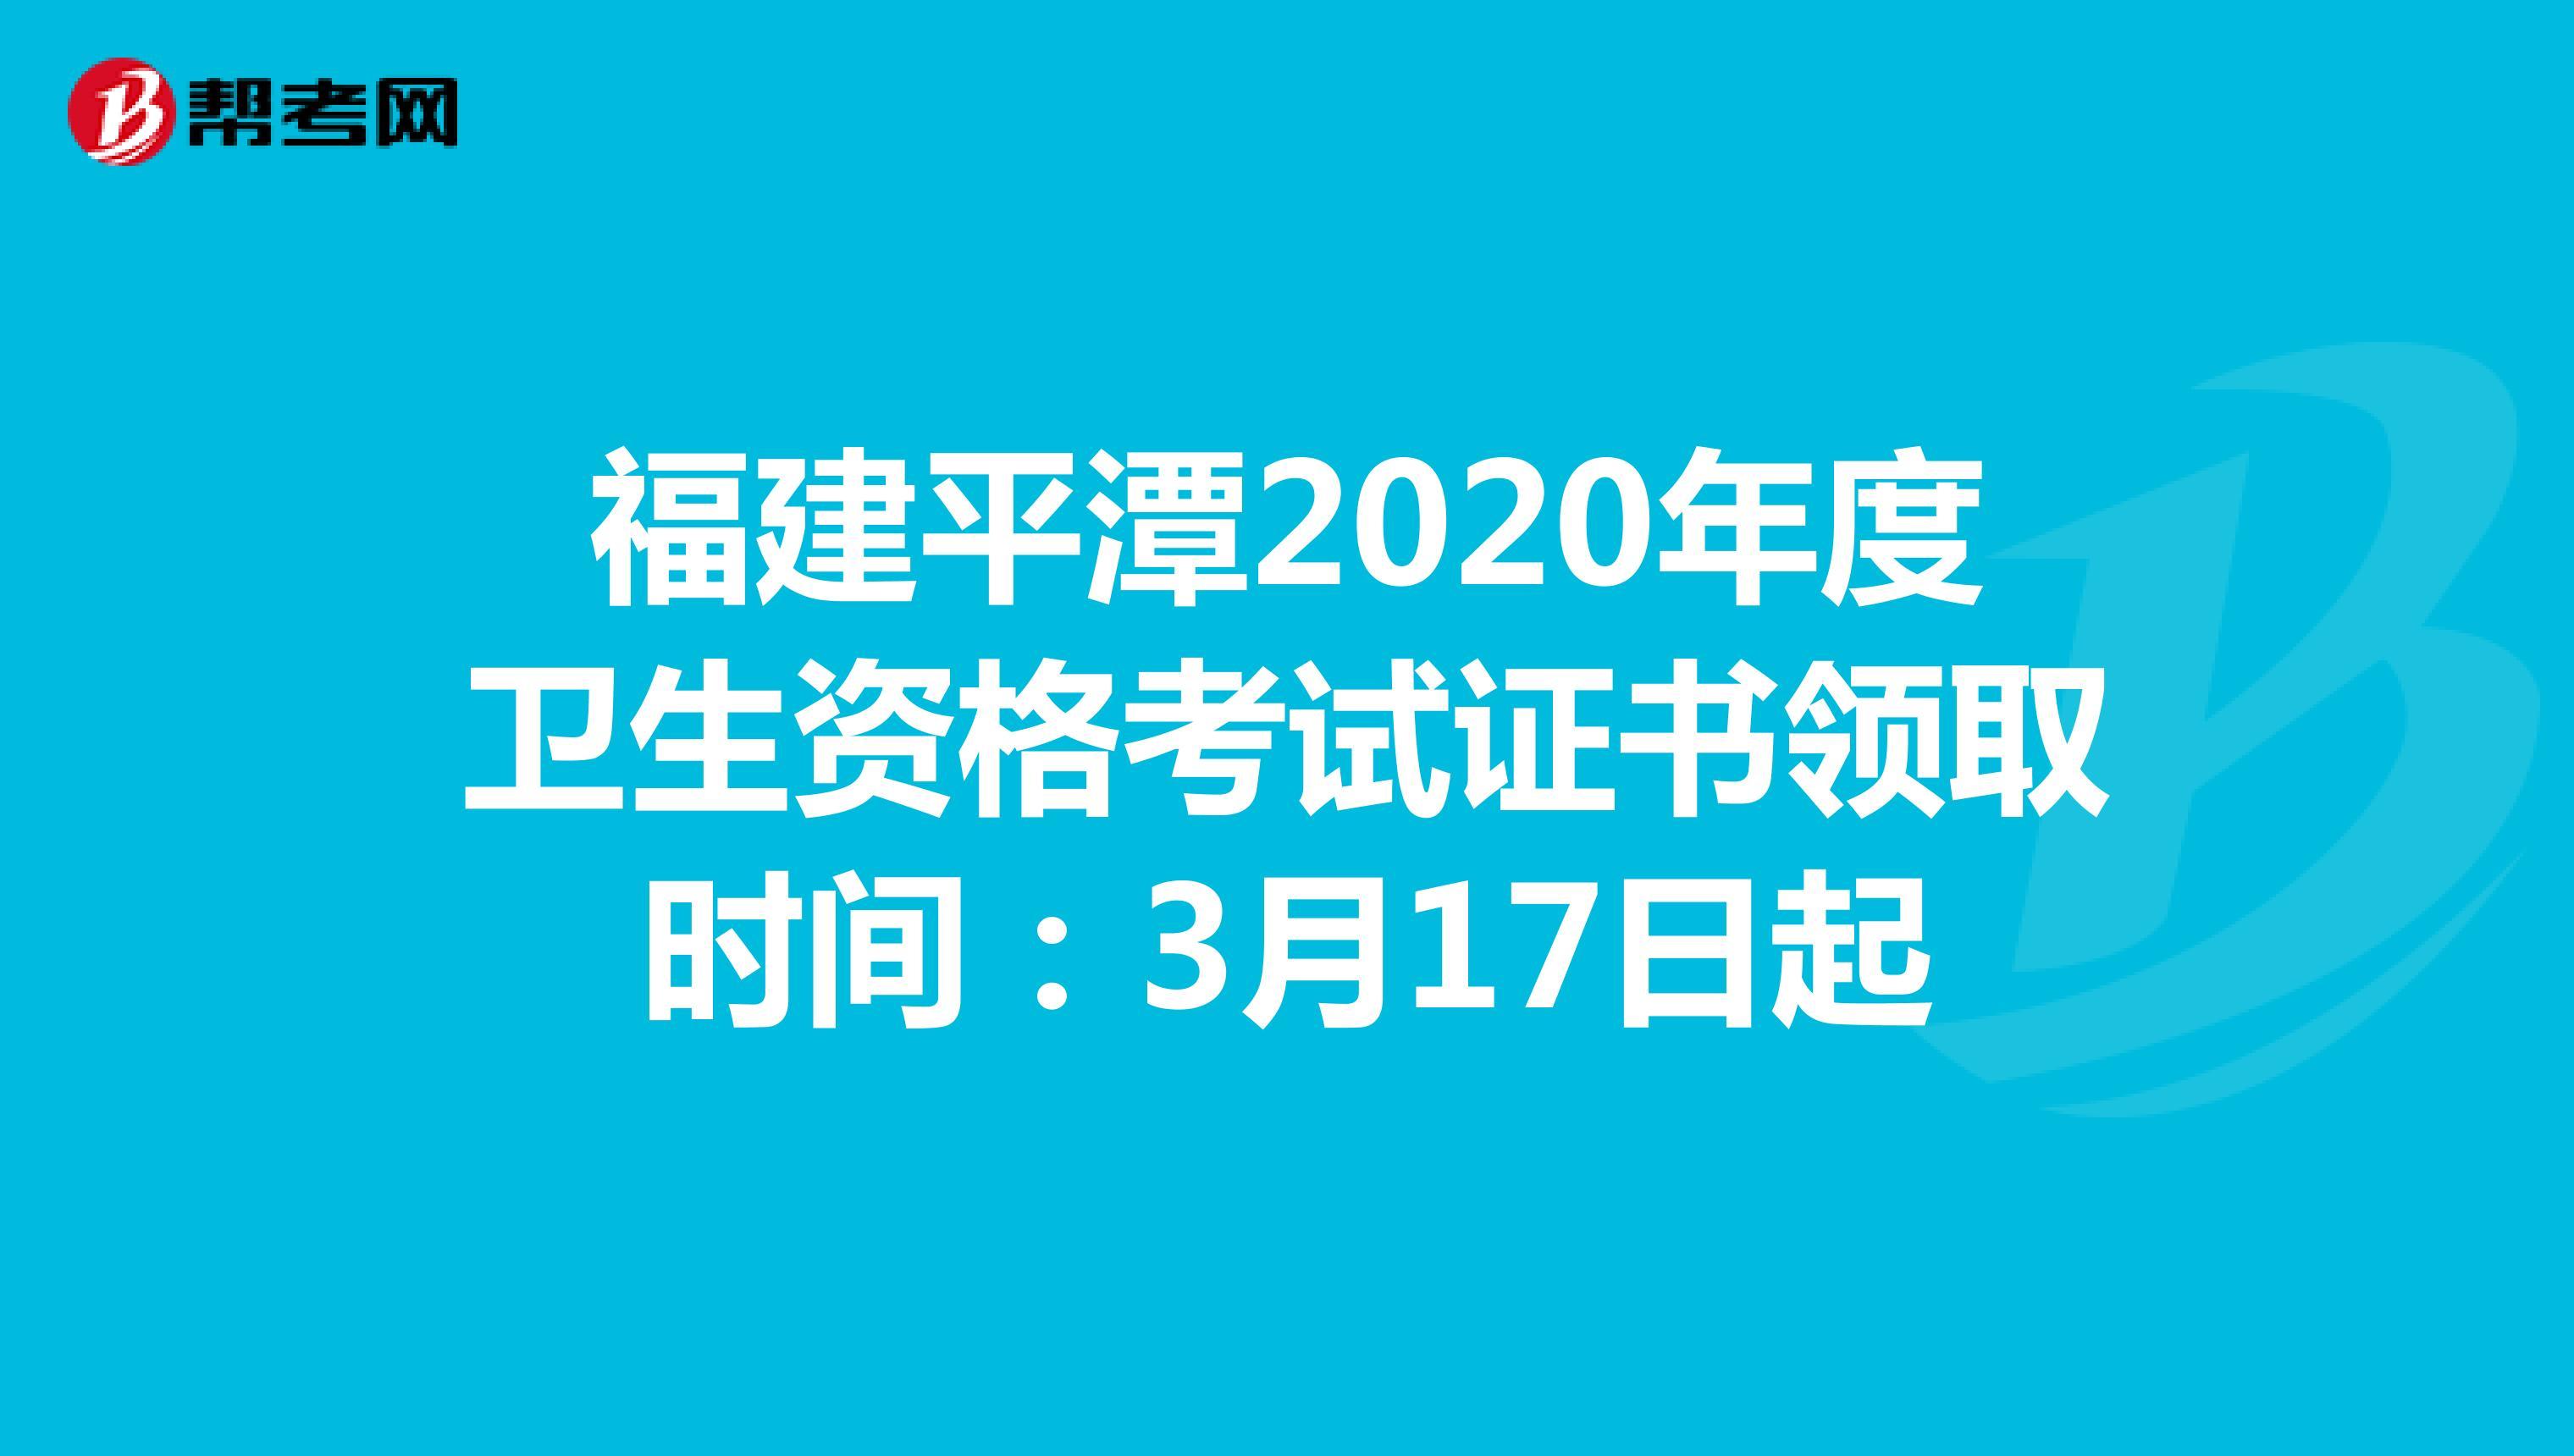 福建平潭2020年度卫生资格考试证书领取时间:3月17日起